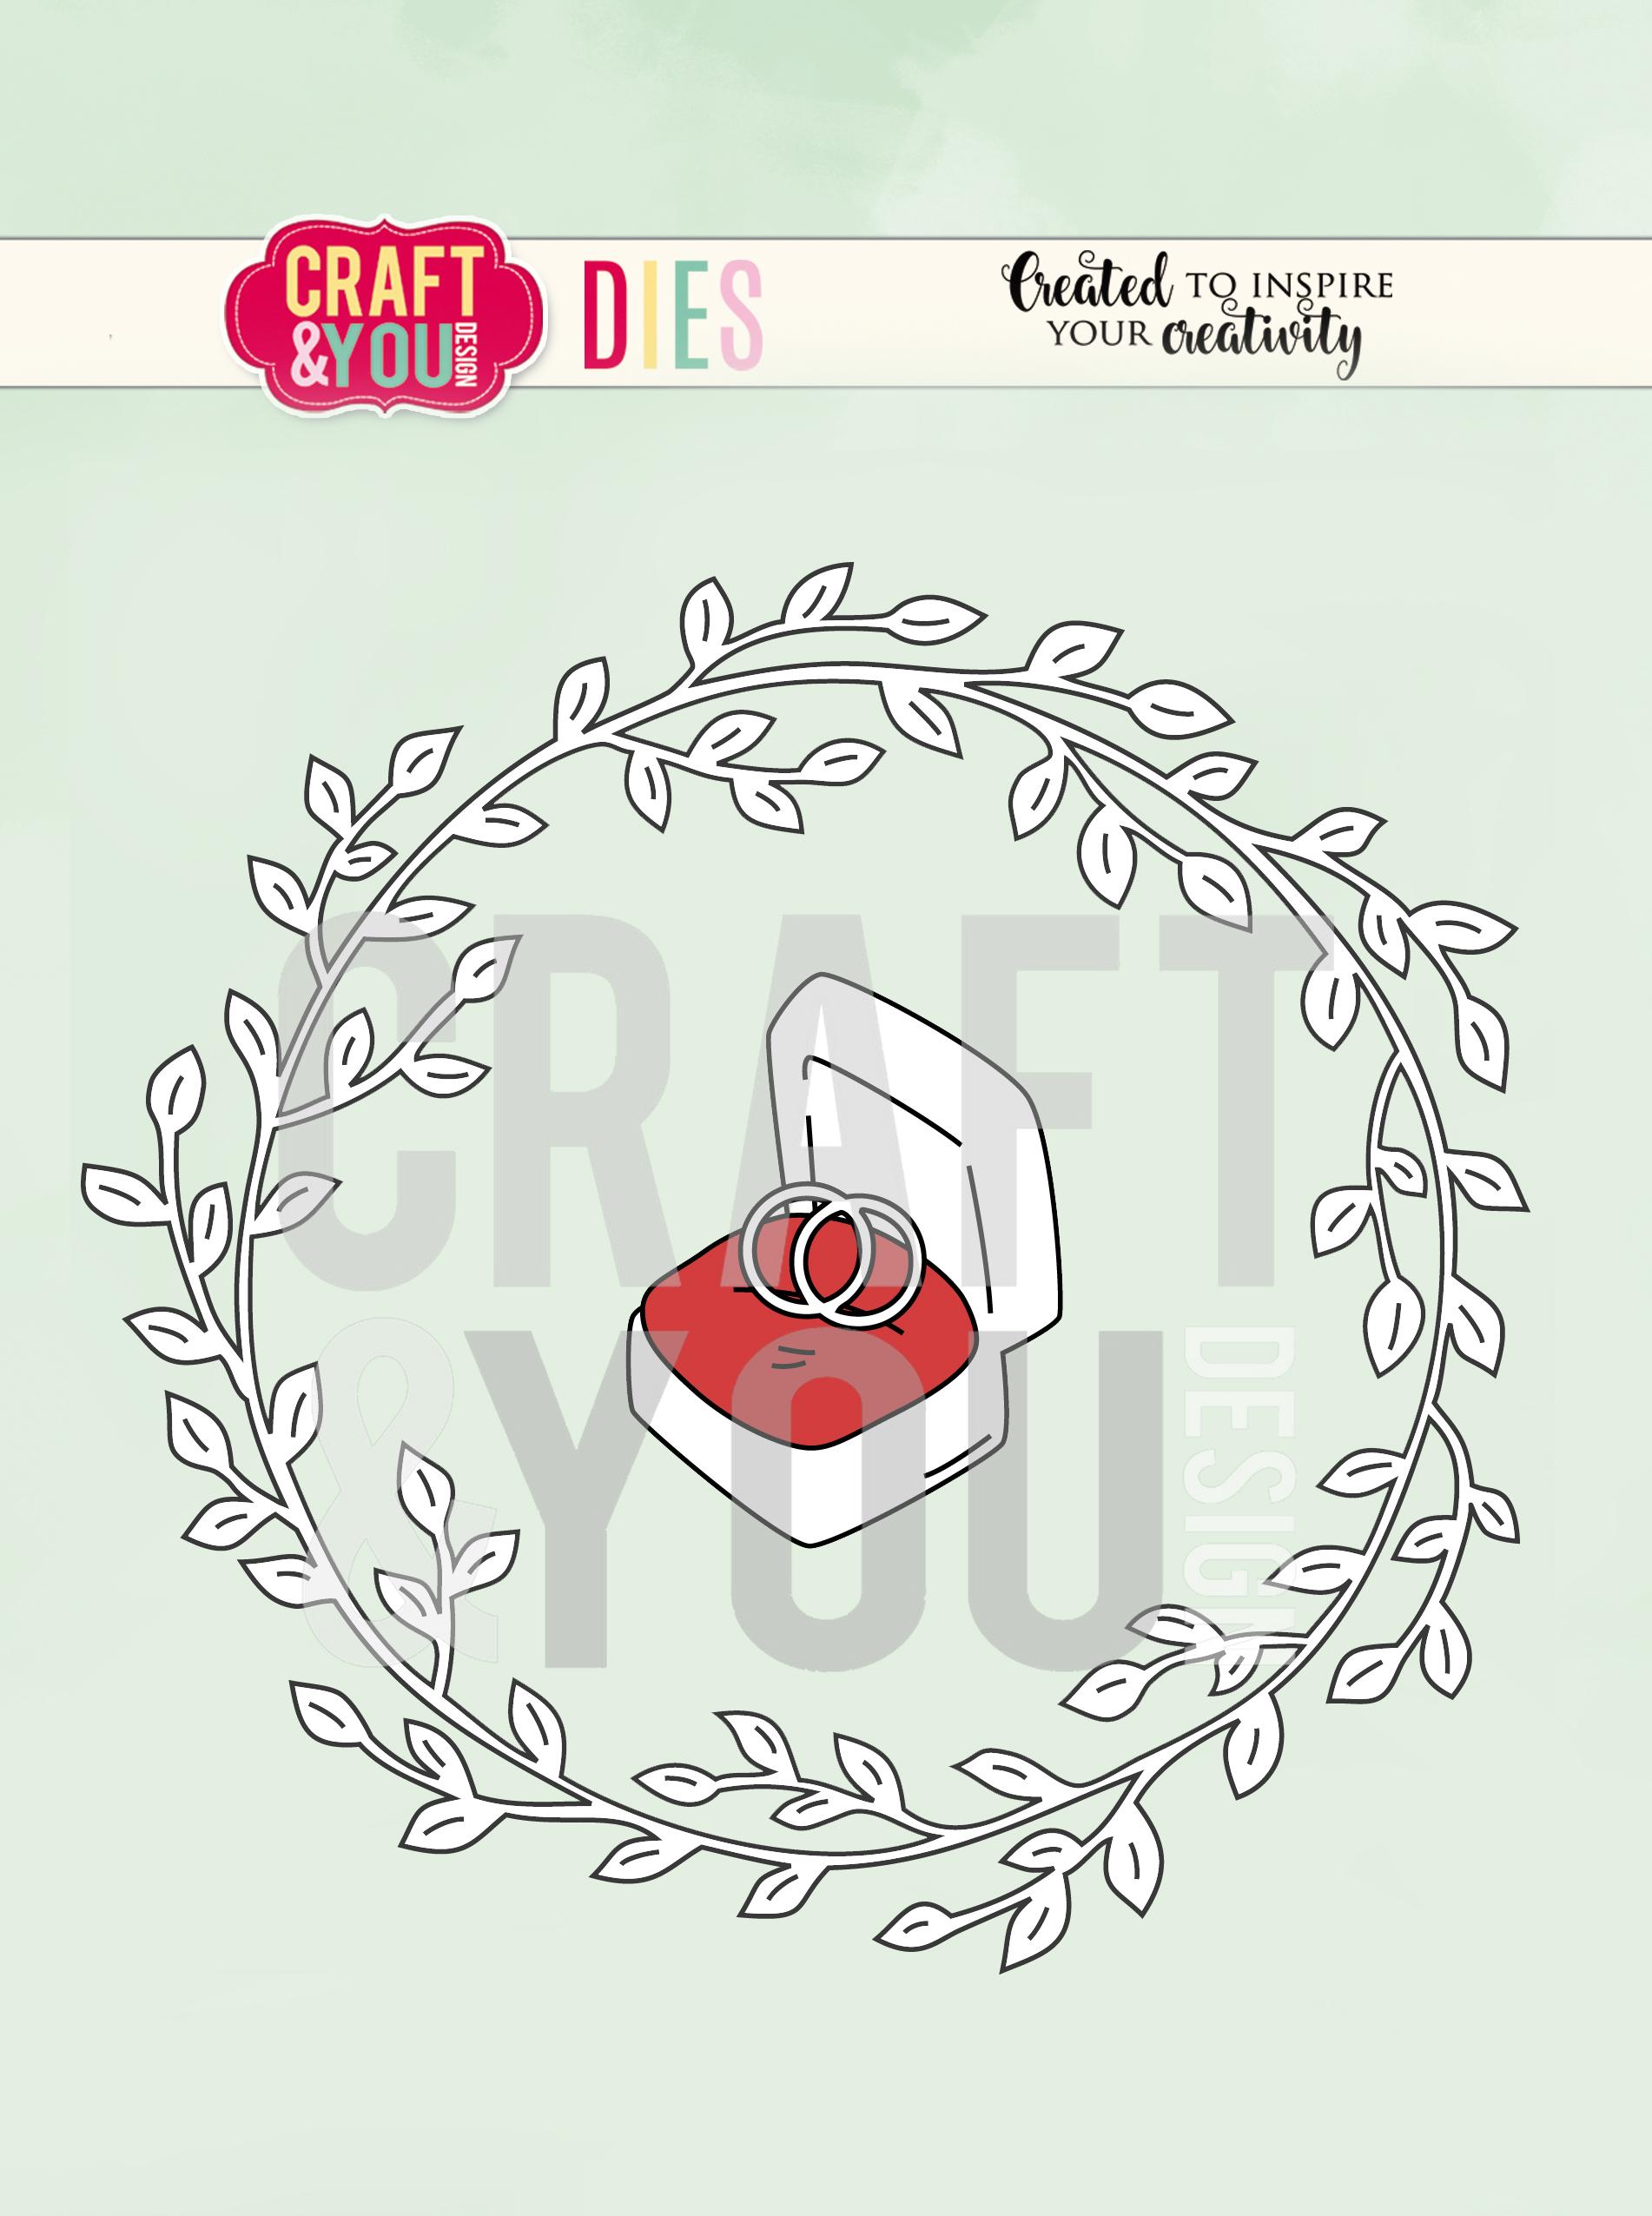 CW081 WYKROJNIK-WEDDING WREATH-WIANEK ŚLUBNY-Craft&You Design